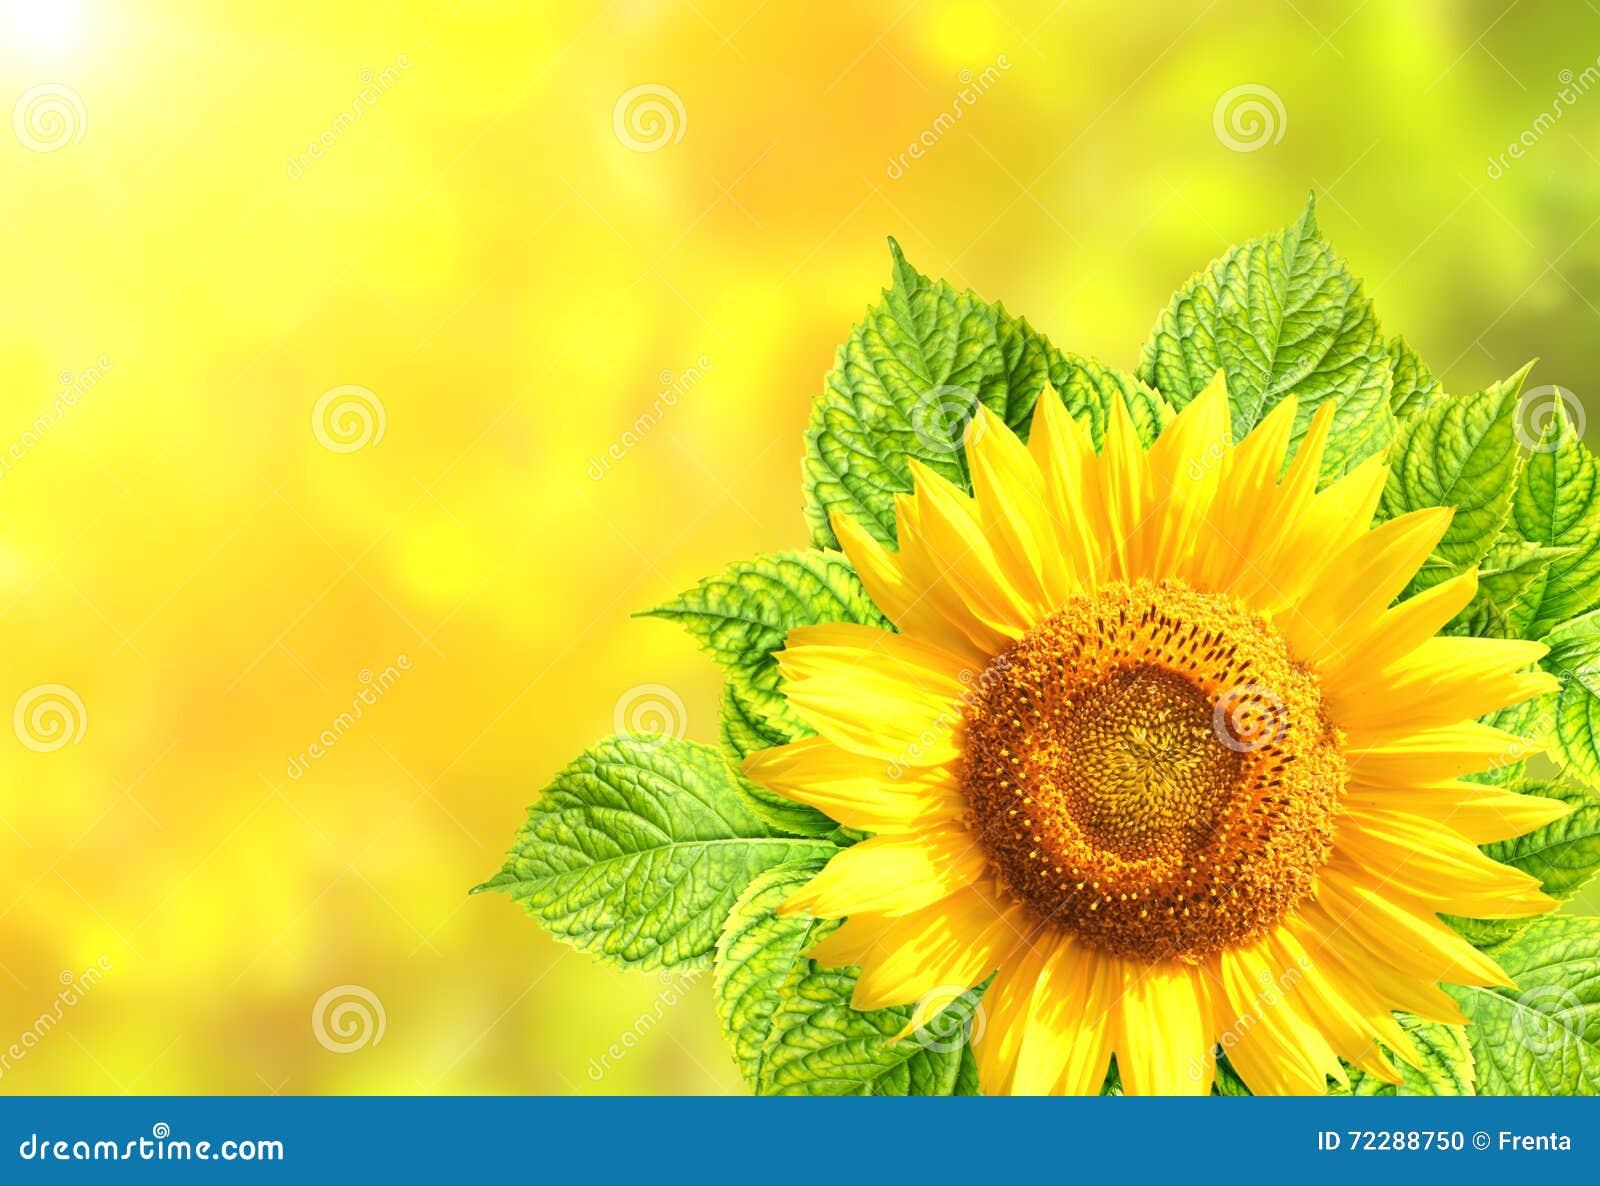 Download Солнцецвет с листьями зеленого цвета на солнечной предпосылке Стоковое Фото - изображение насчитывающей яркое, ново: 72288750